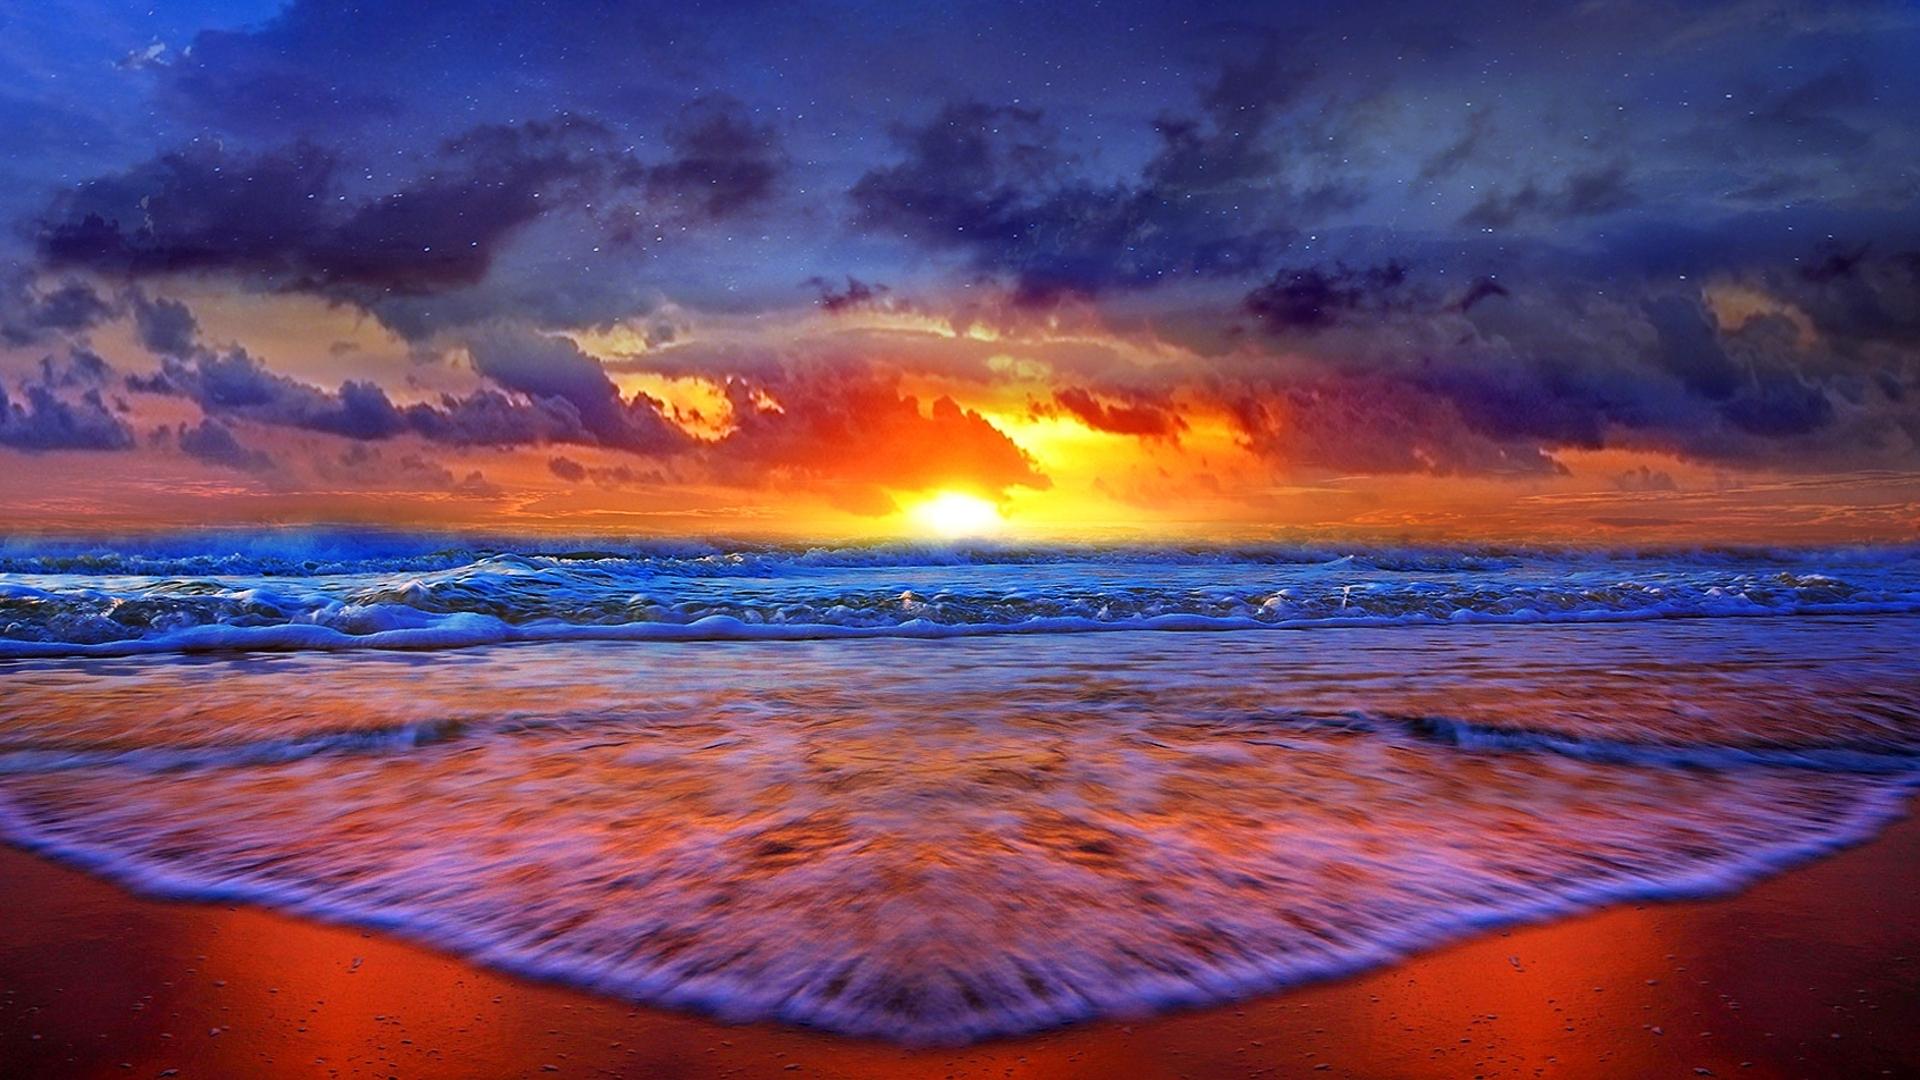 desktop backgrounds beach sunset wallpaper hd - media file